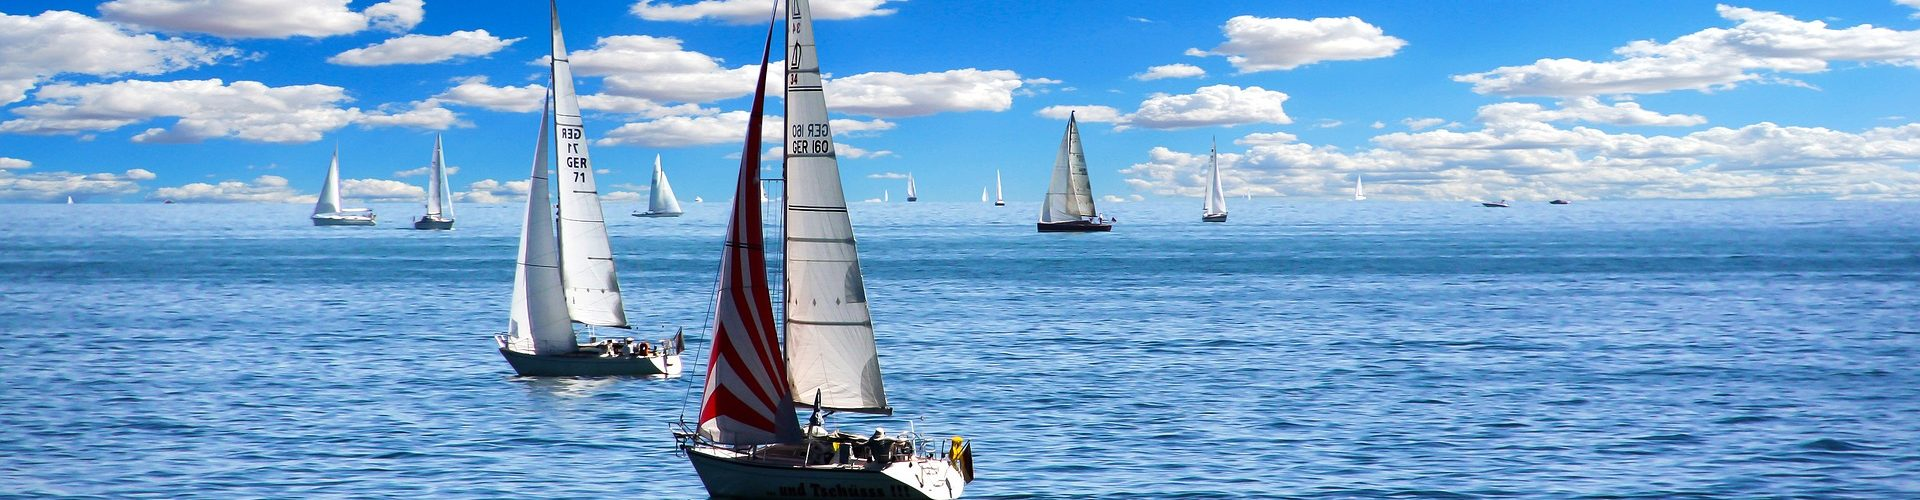 segeln lernen in Strausberg segelschein machen in Strausberg 1920x500 - Segeln lernen in Strausberg